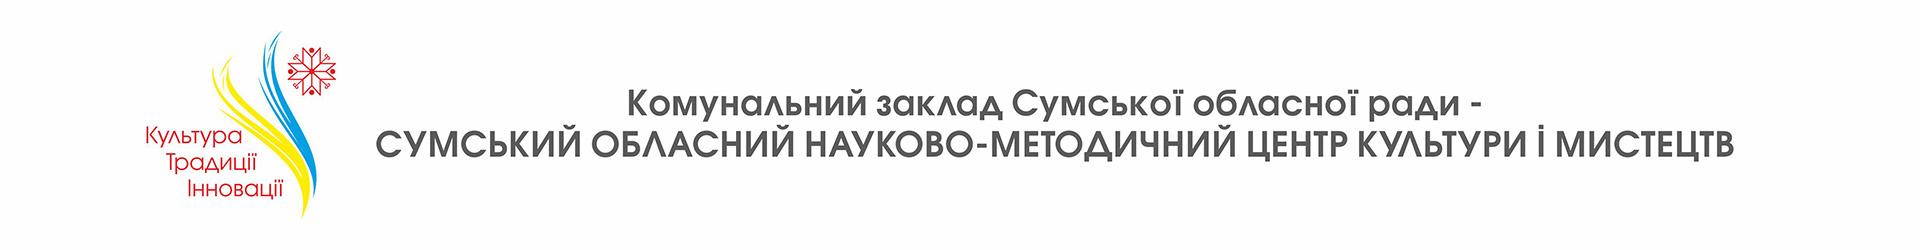 СОНМЦКіМ